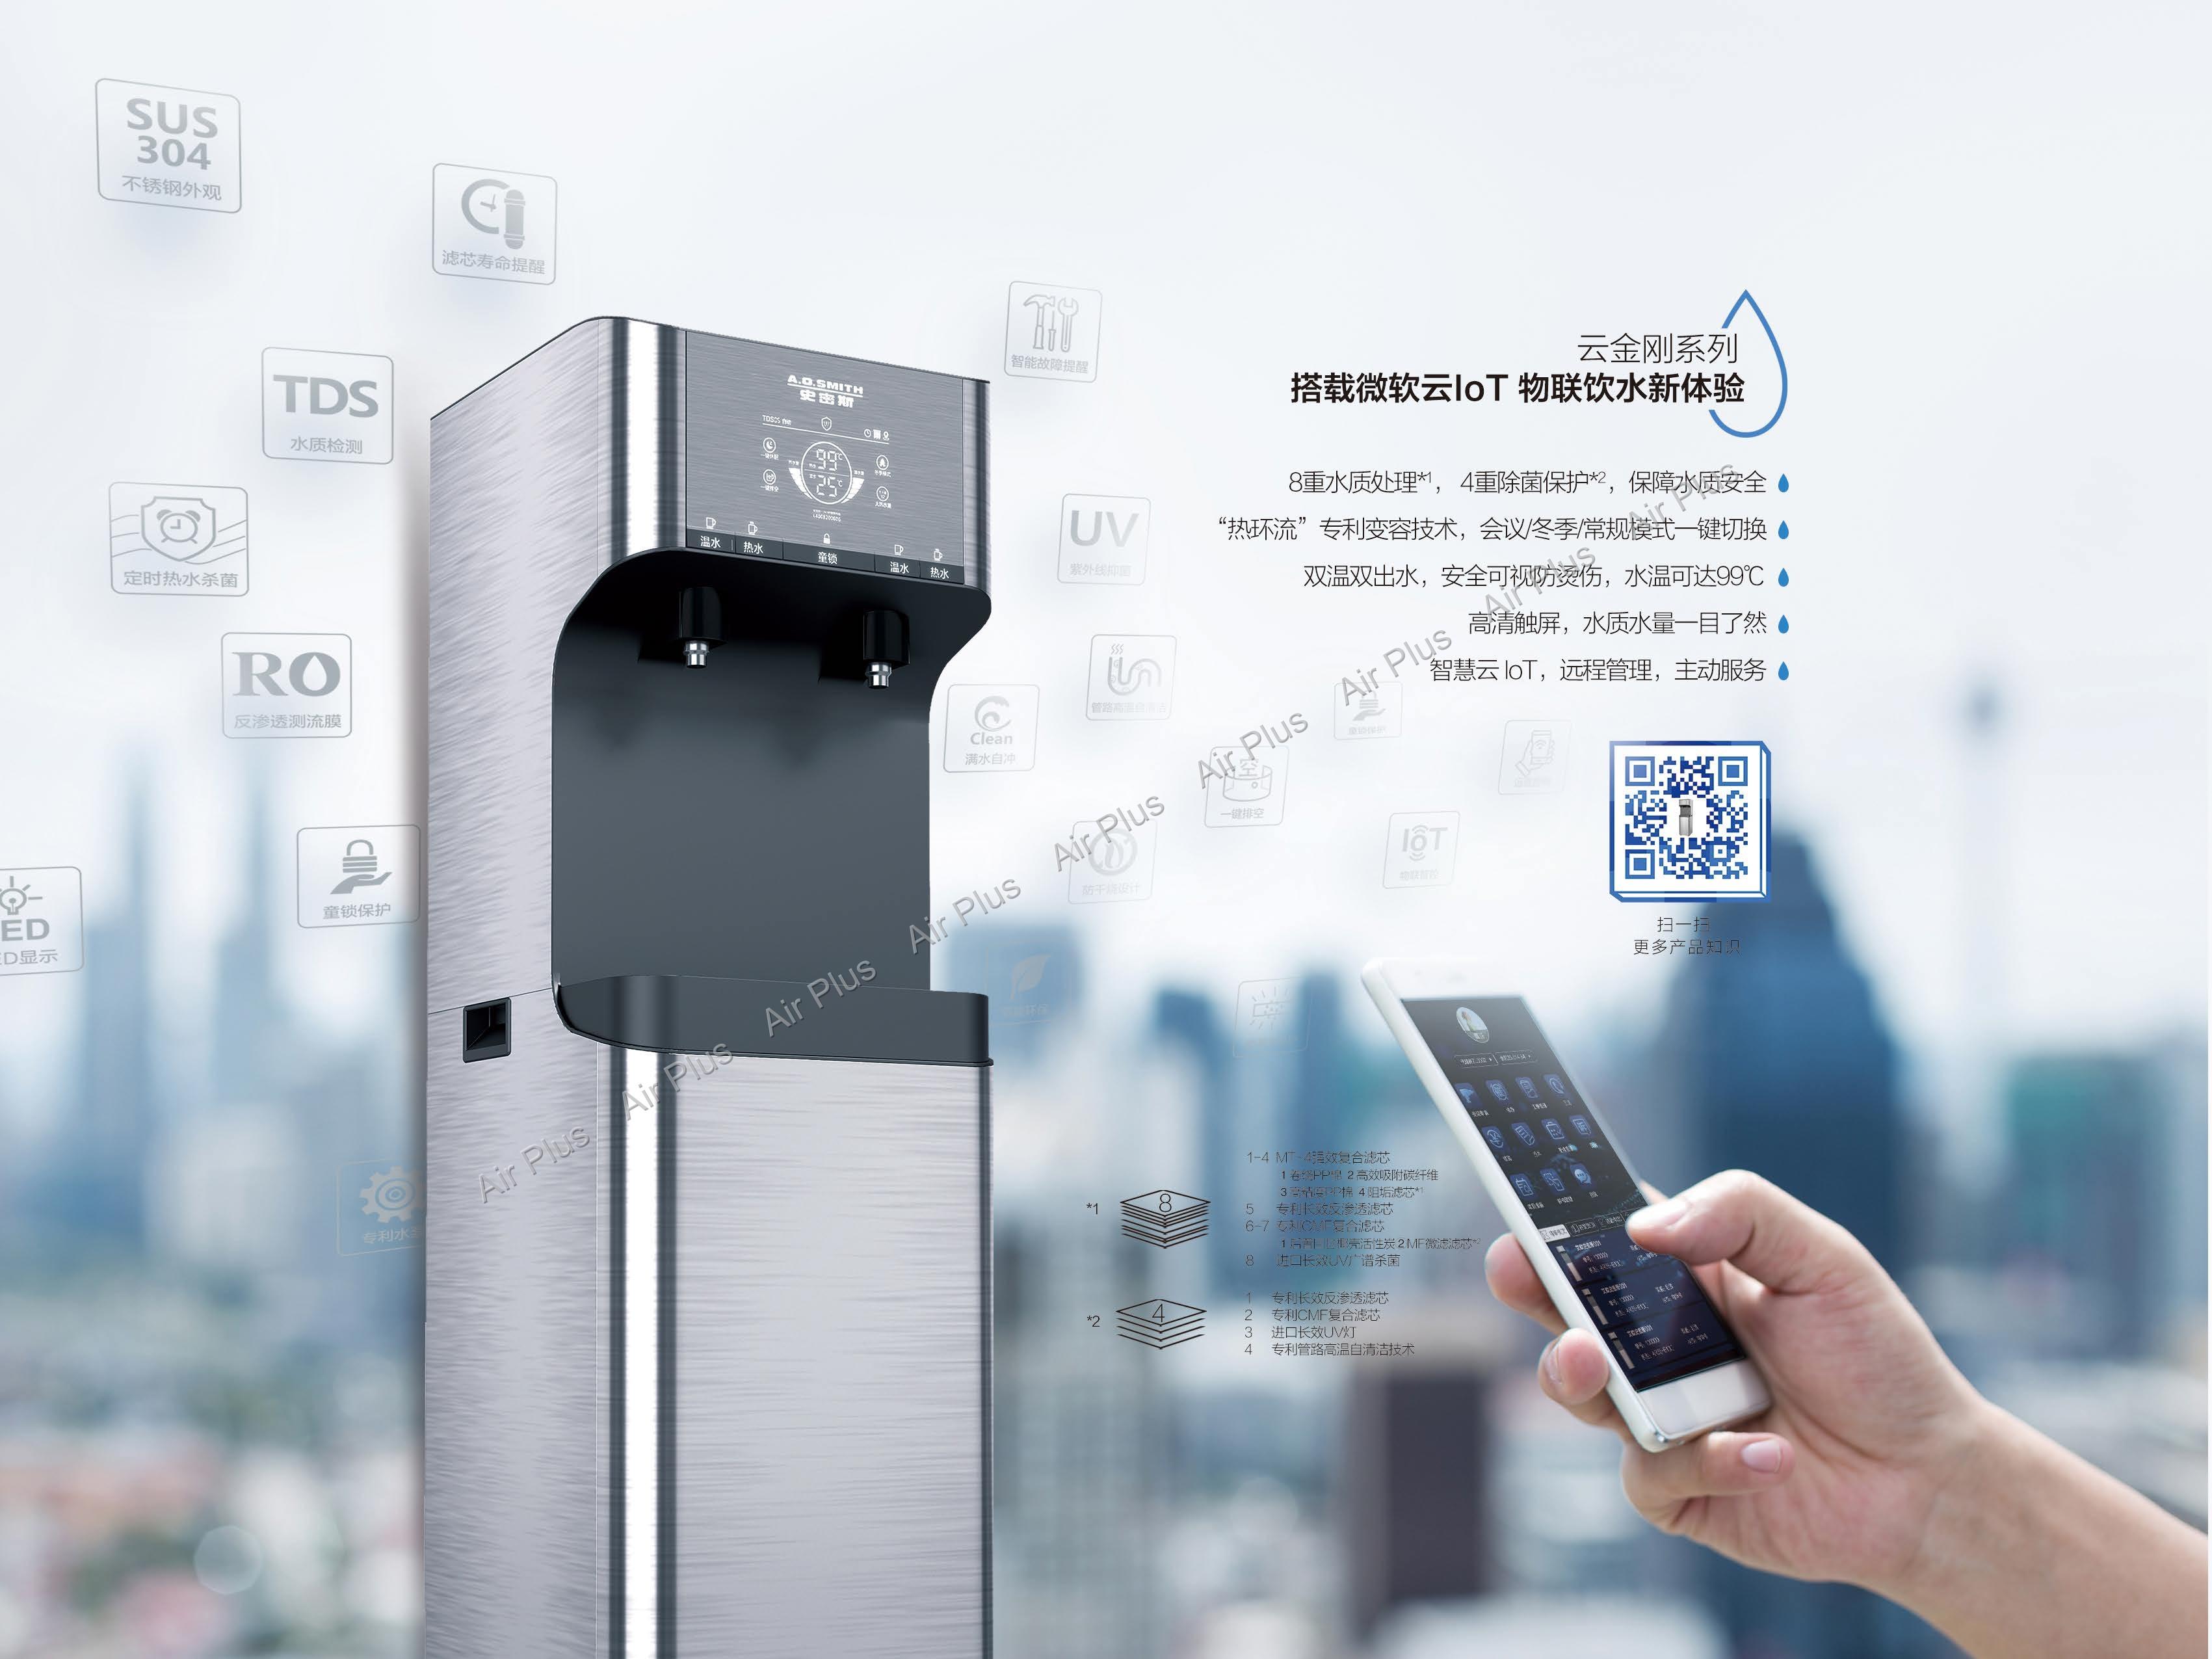 A.O.SMITH商用净水产品手册 手机端(1)_页面_14.jpg